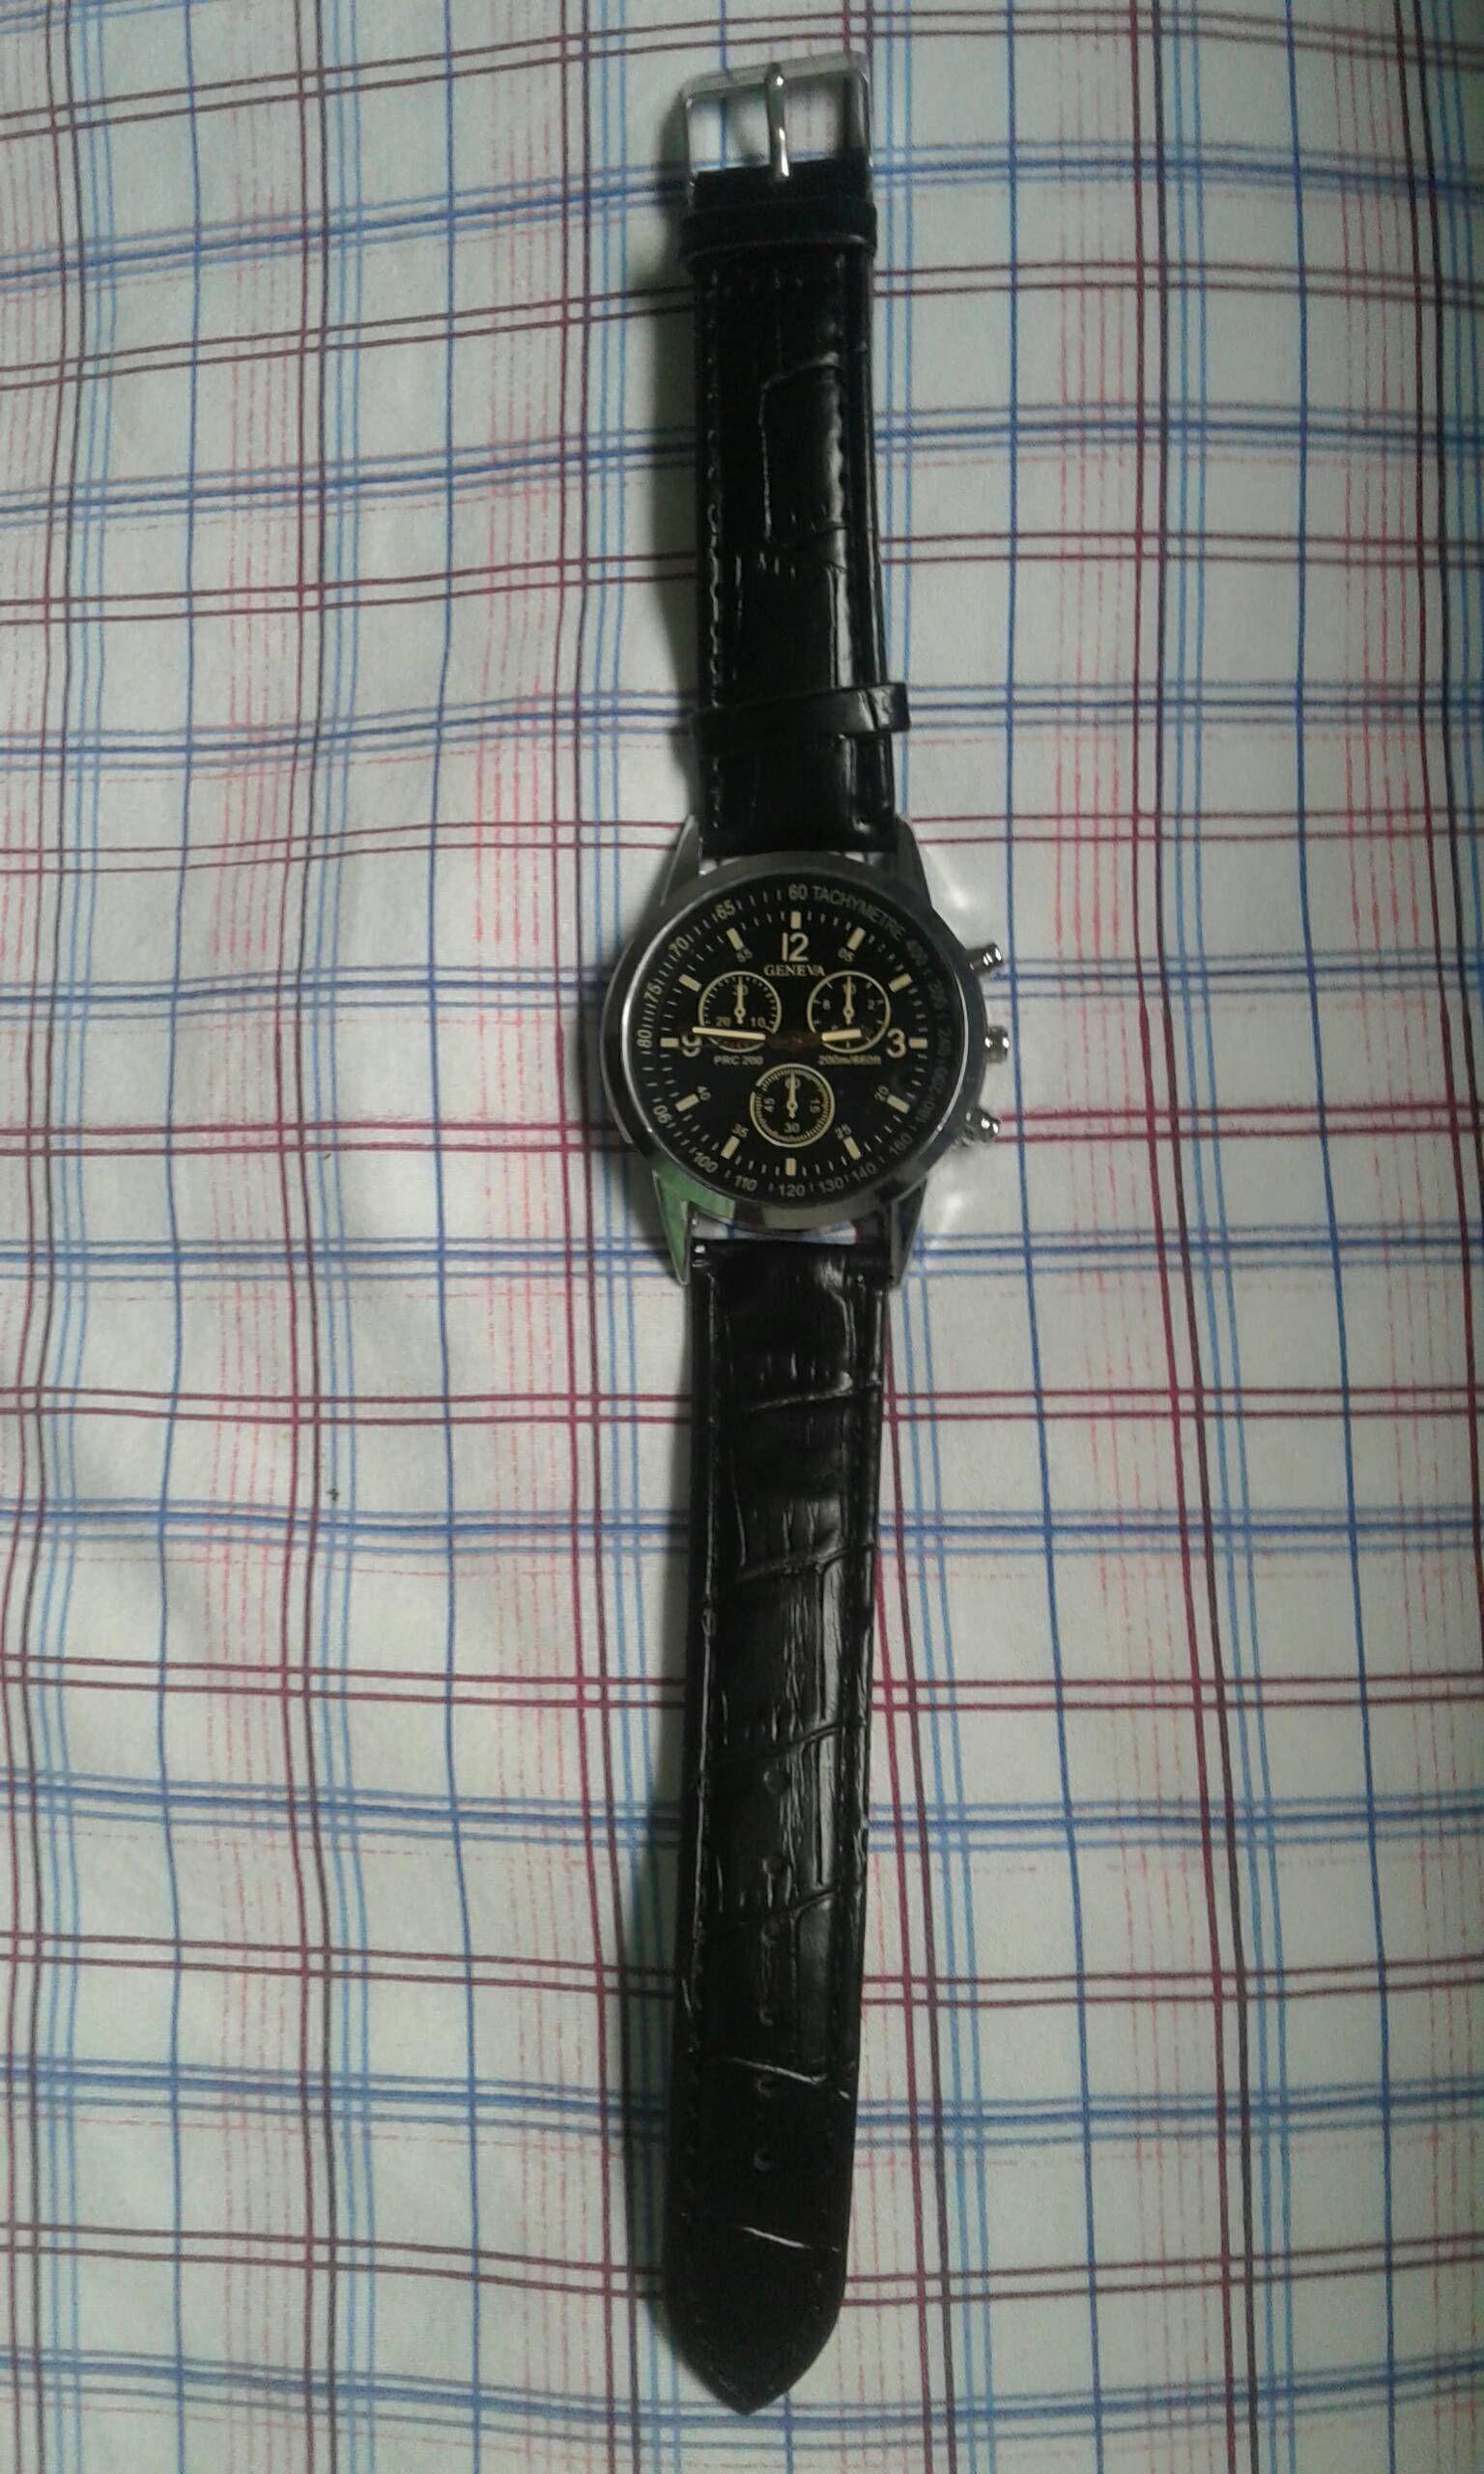 1 قطعة أزياء ووتش رجال جلدية الشريط محاكاة ثلاث عيون الطلب مضيئة كوارتز ساعة في الهواء الطلق Vova Accessories Watches